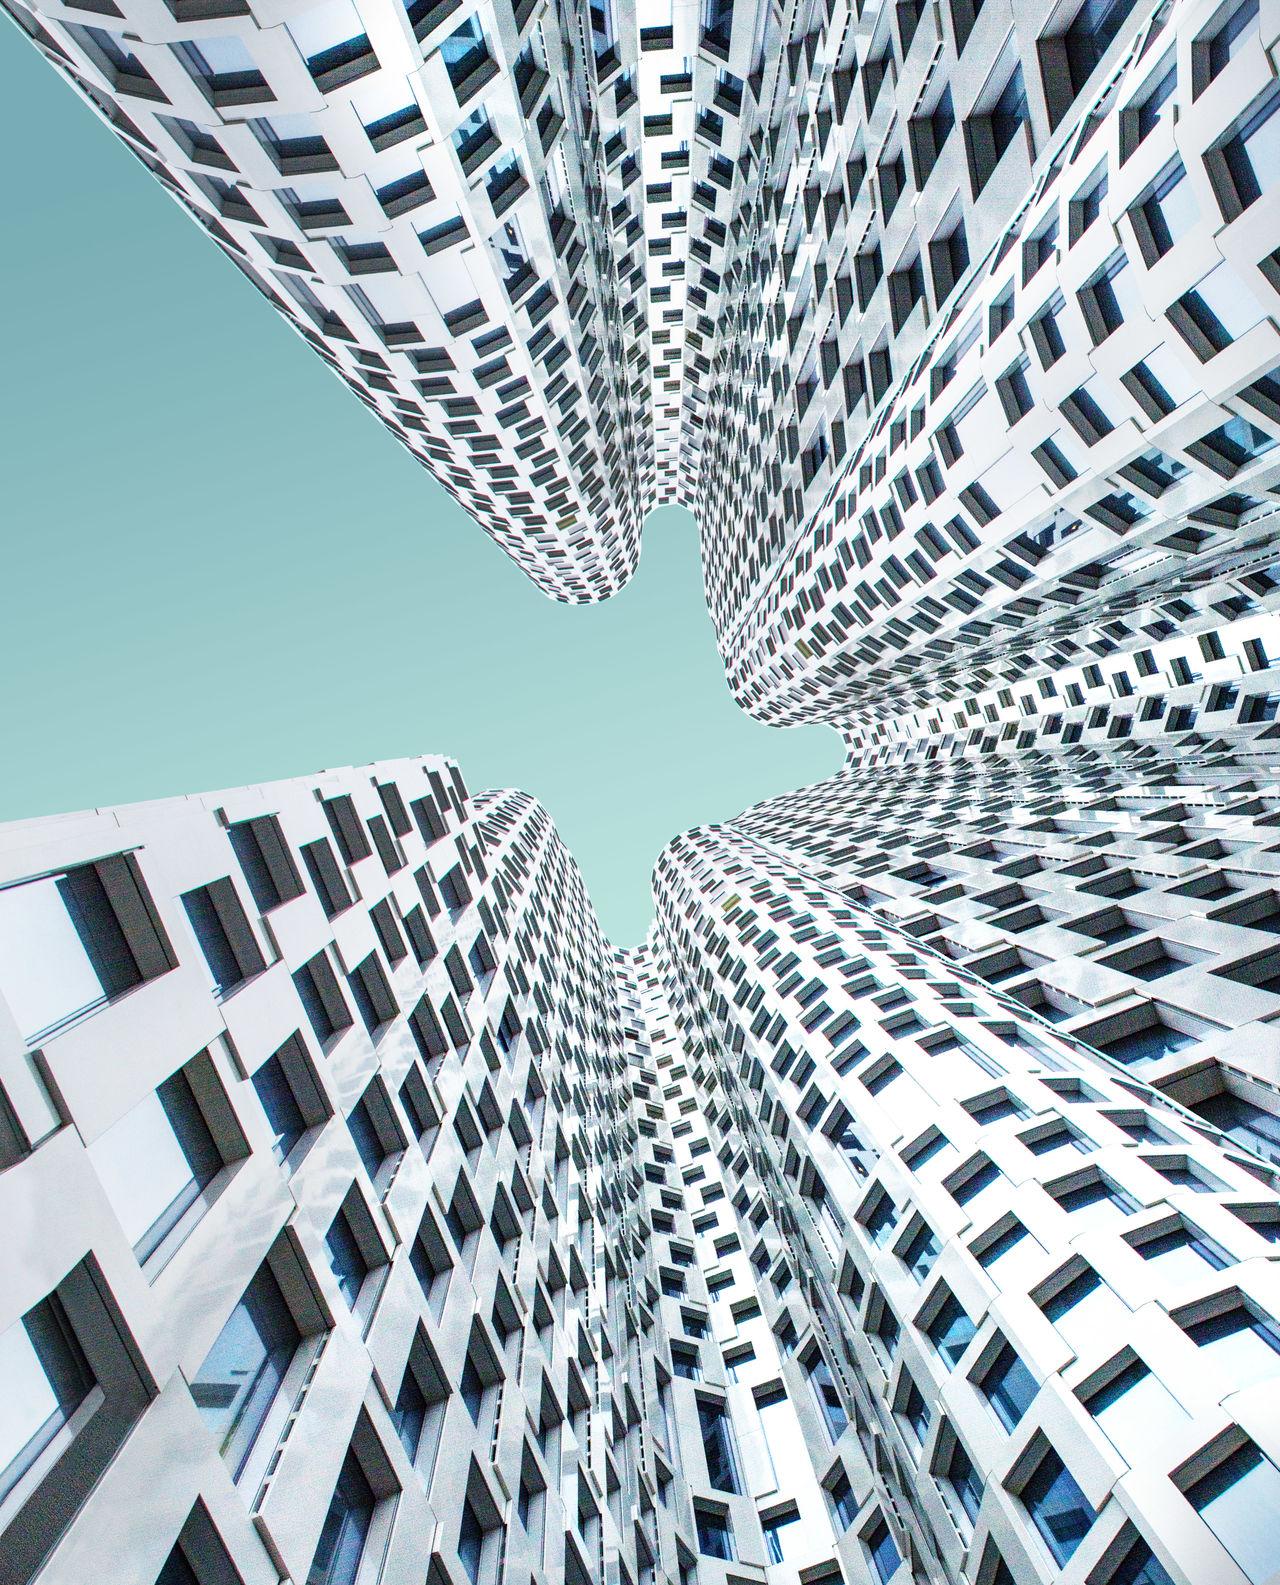 DIRECTLY BELOW VIEW OF MODERN BUILDINGS AGAINST BLUE SKY